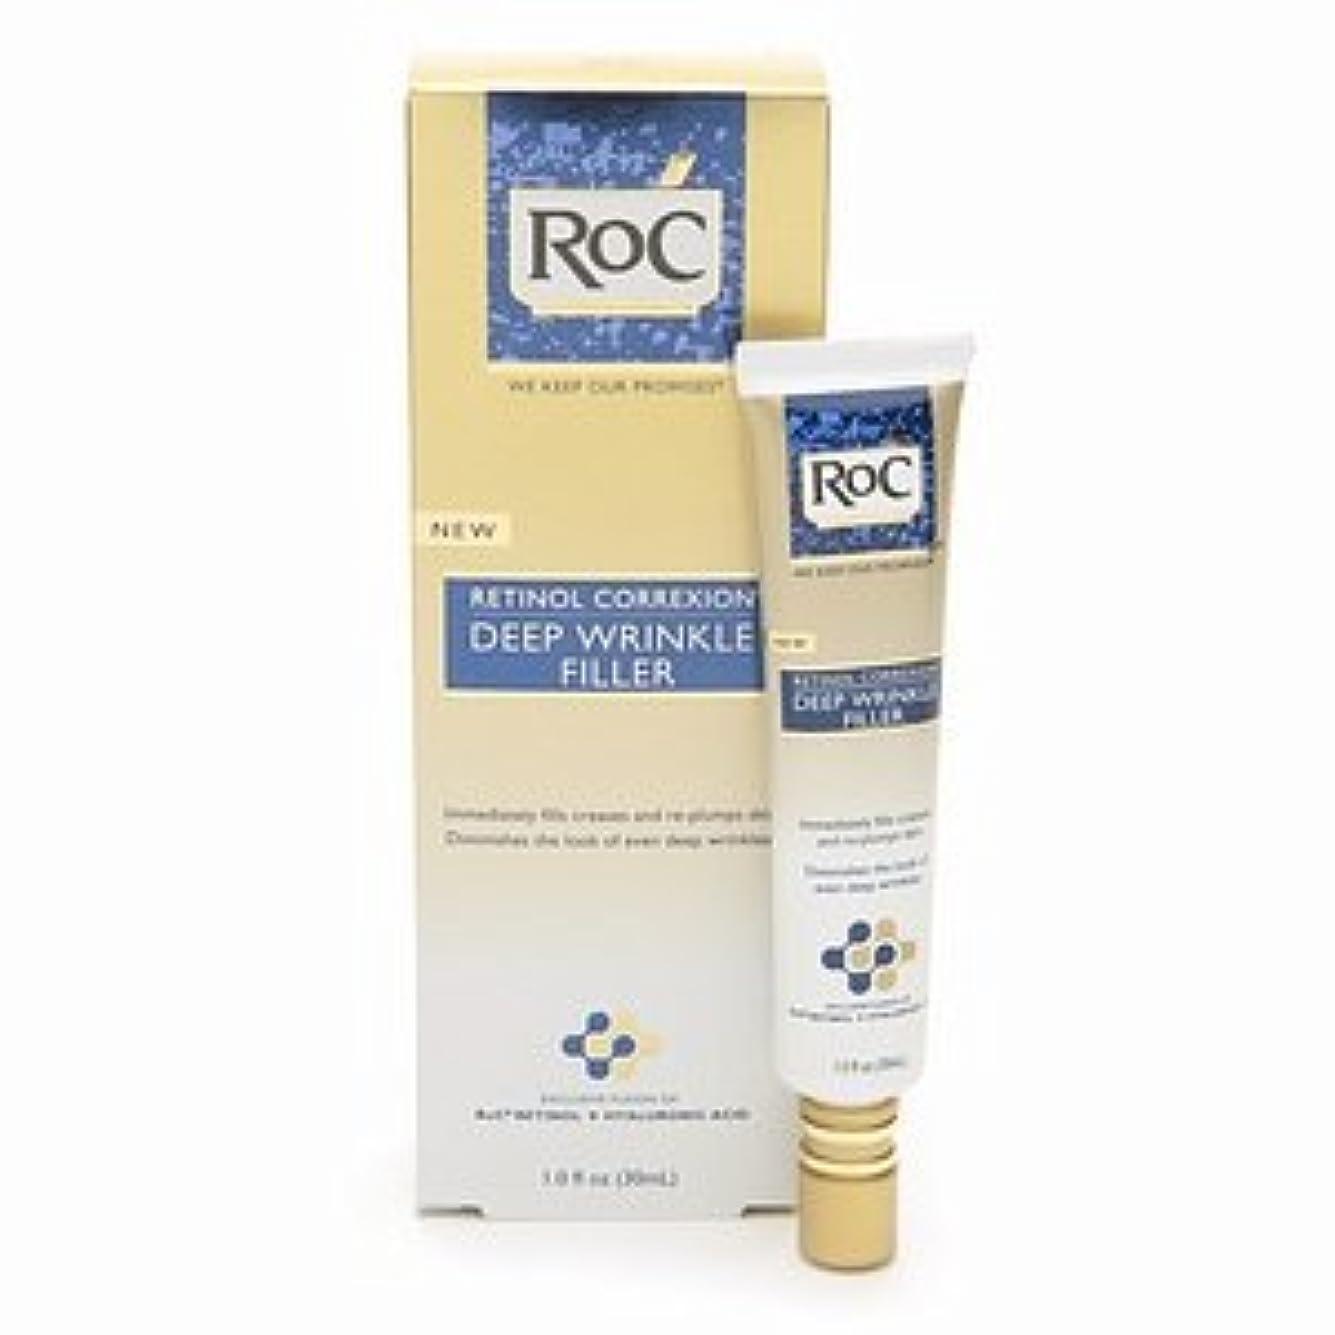 落とし穴適応的説明RoC レチノール コレクション ディープリンクル フィラー RoC Retinol Correxion Deep Wrinkle Filler